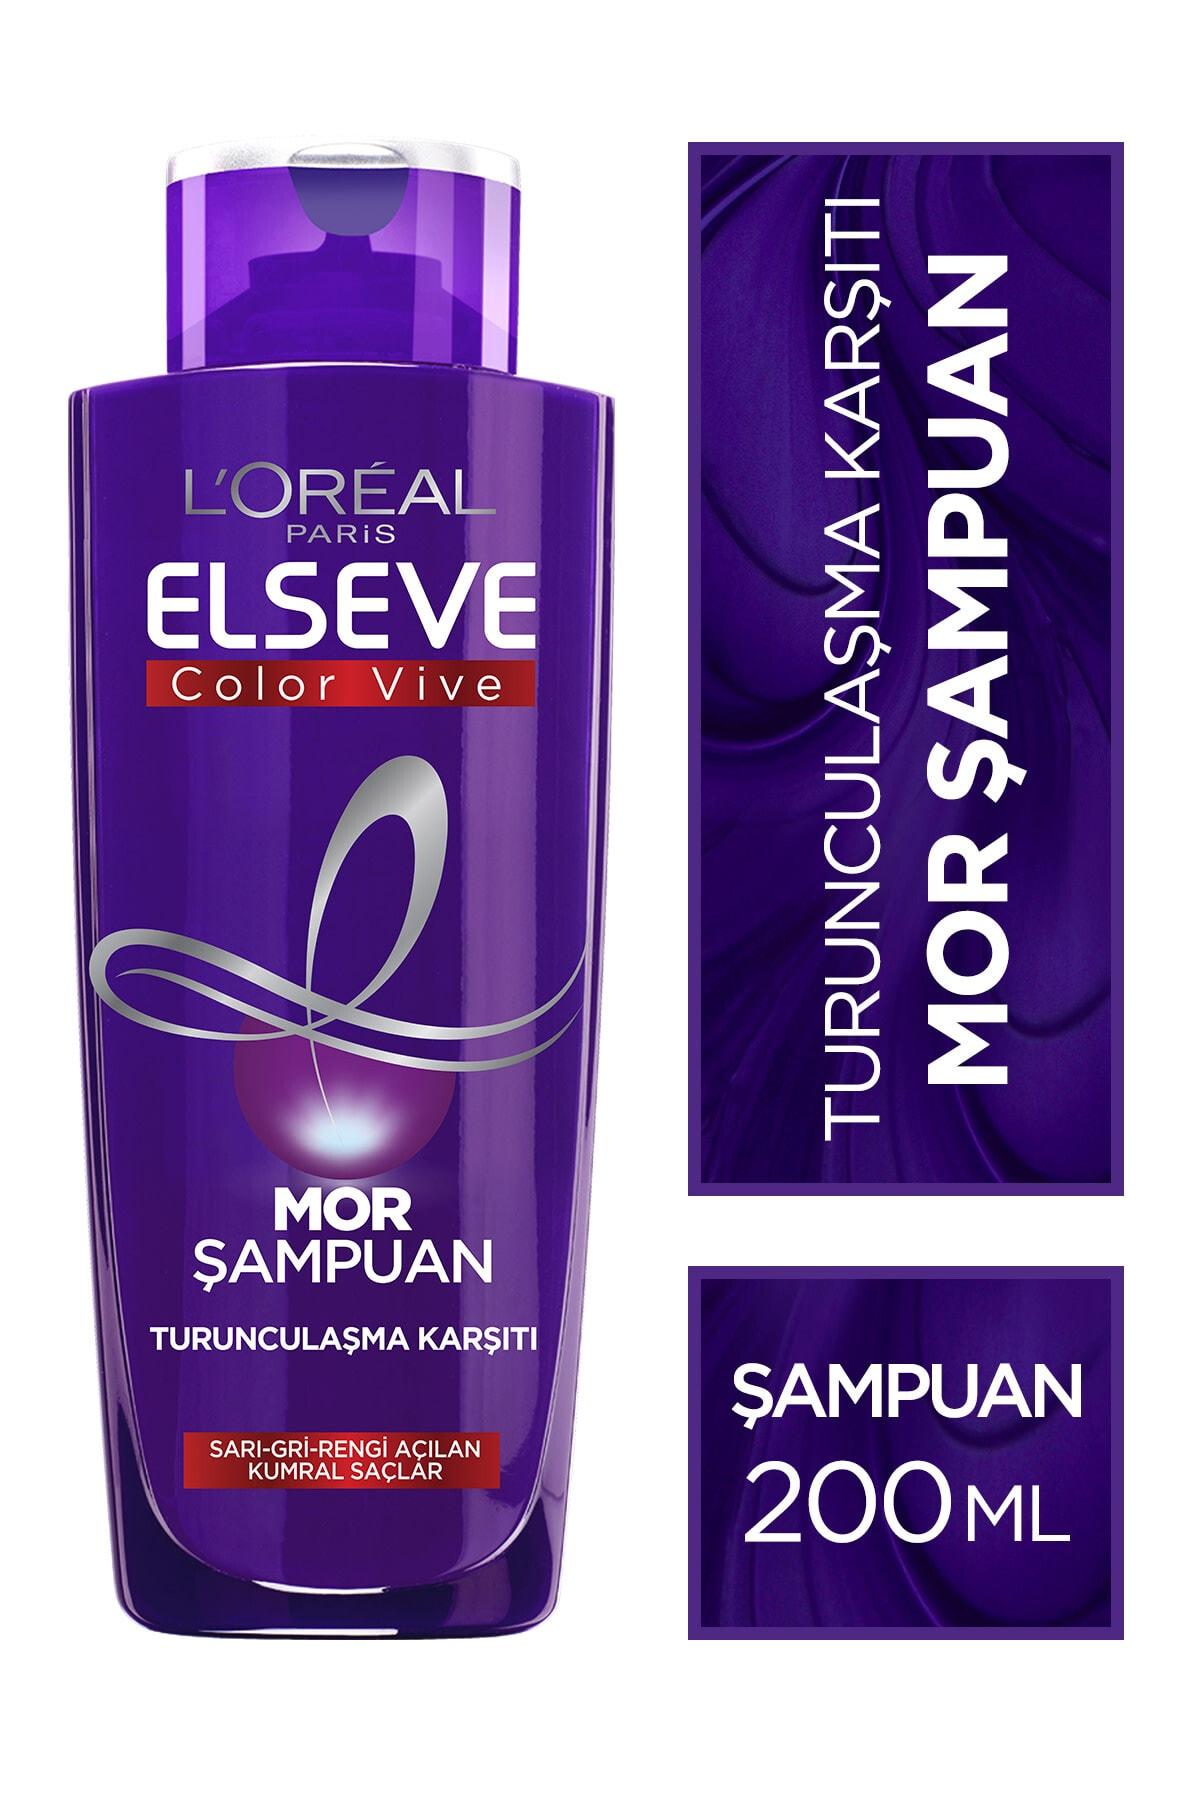 ELSEVE Turunculaşma Karşıtı Mor Şampuan 200 ml 1